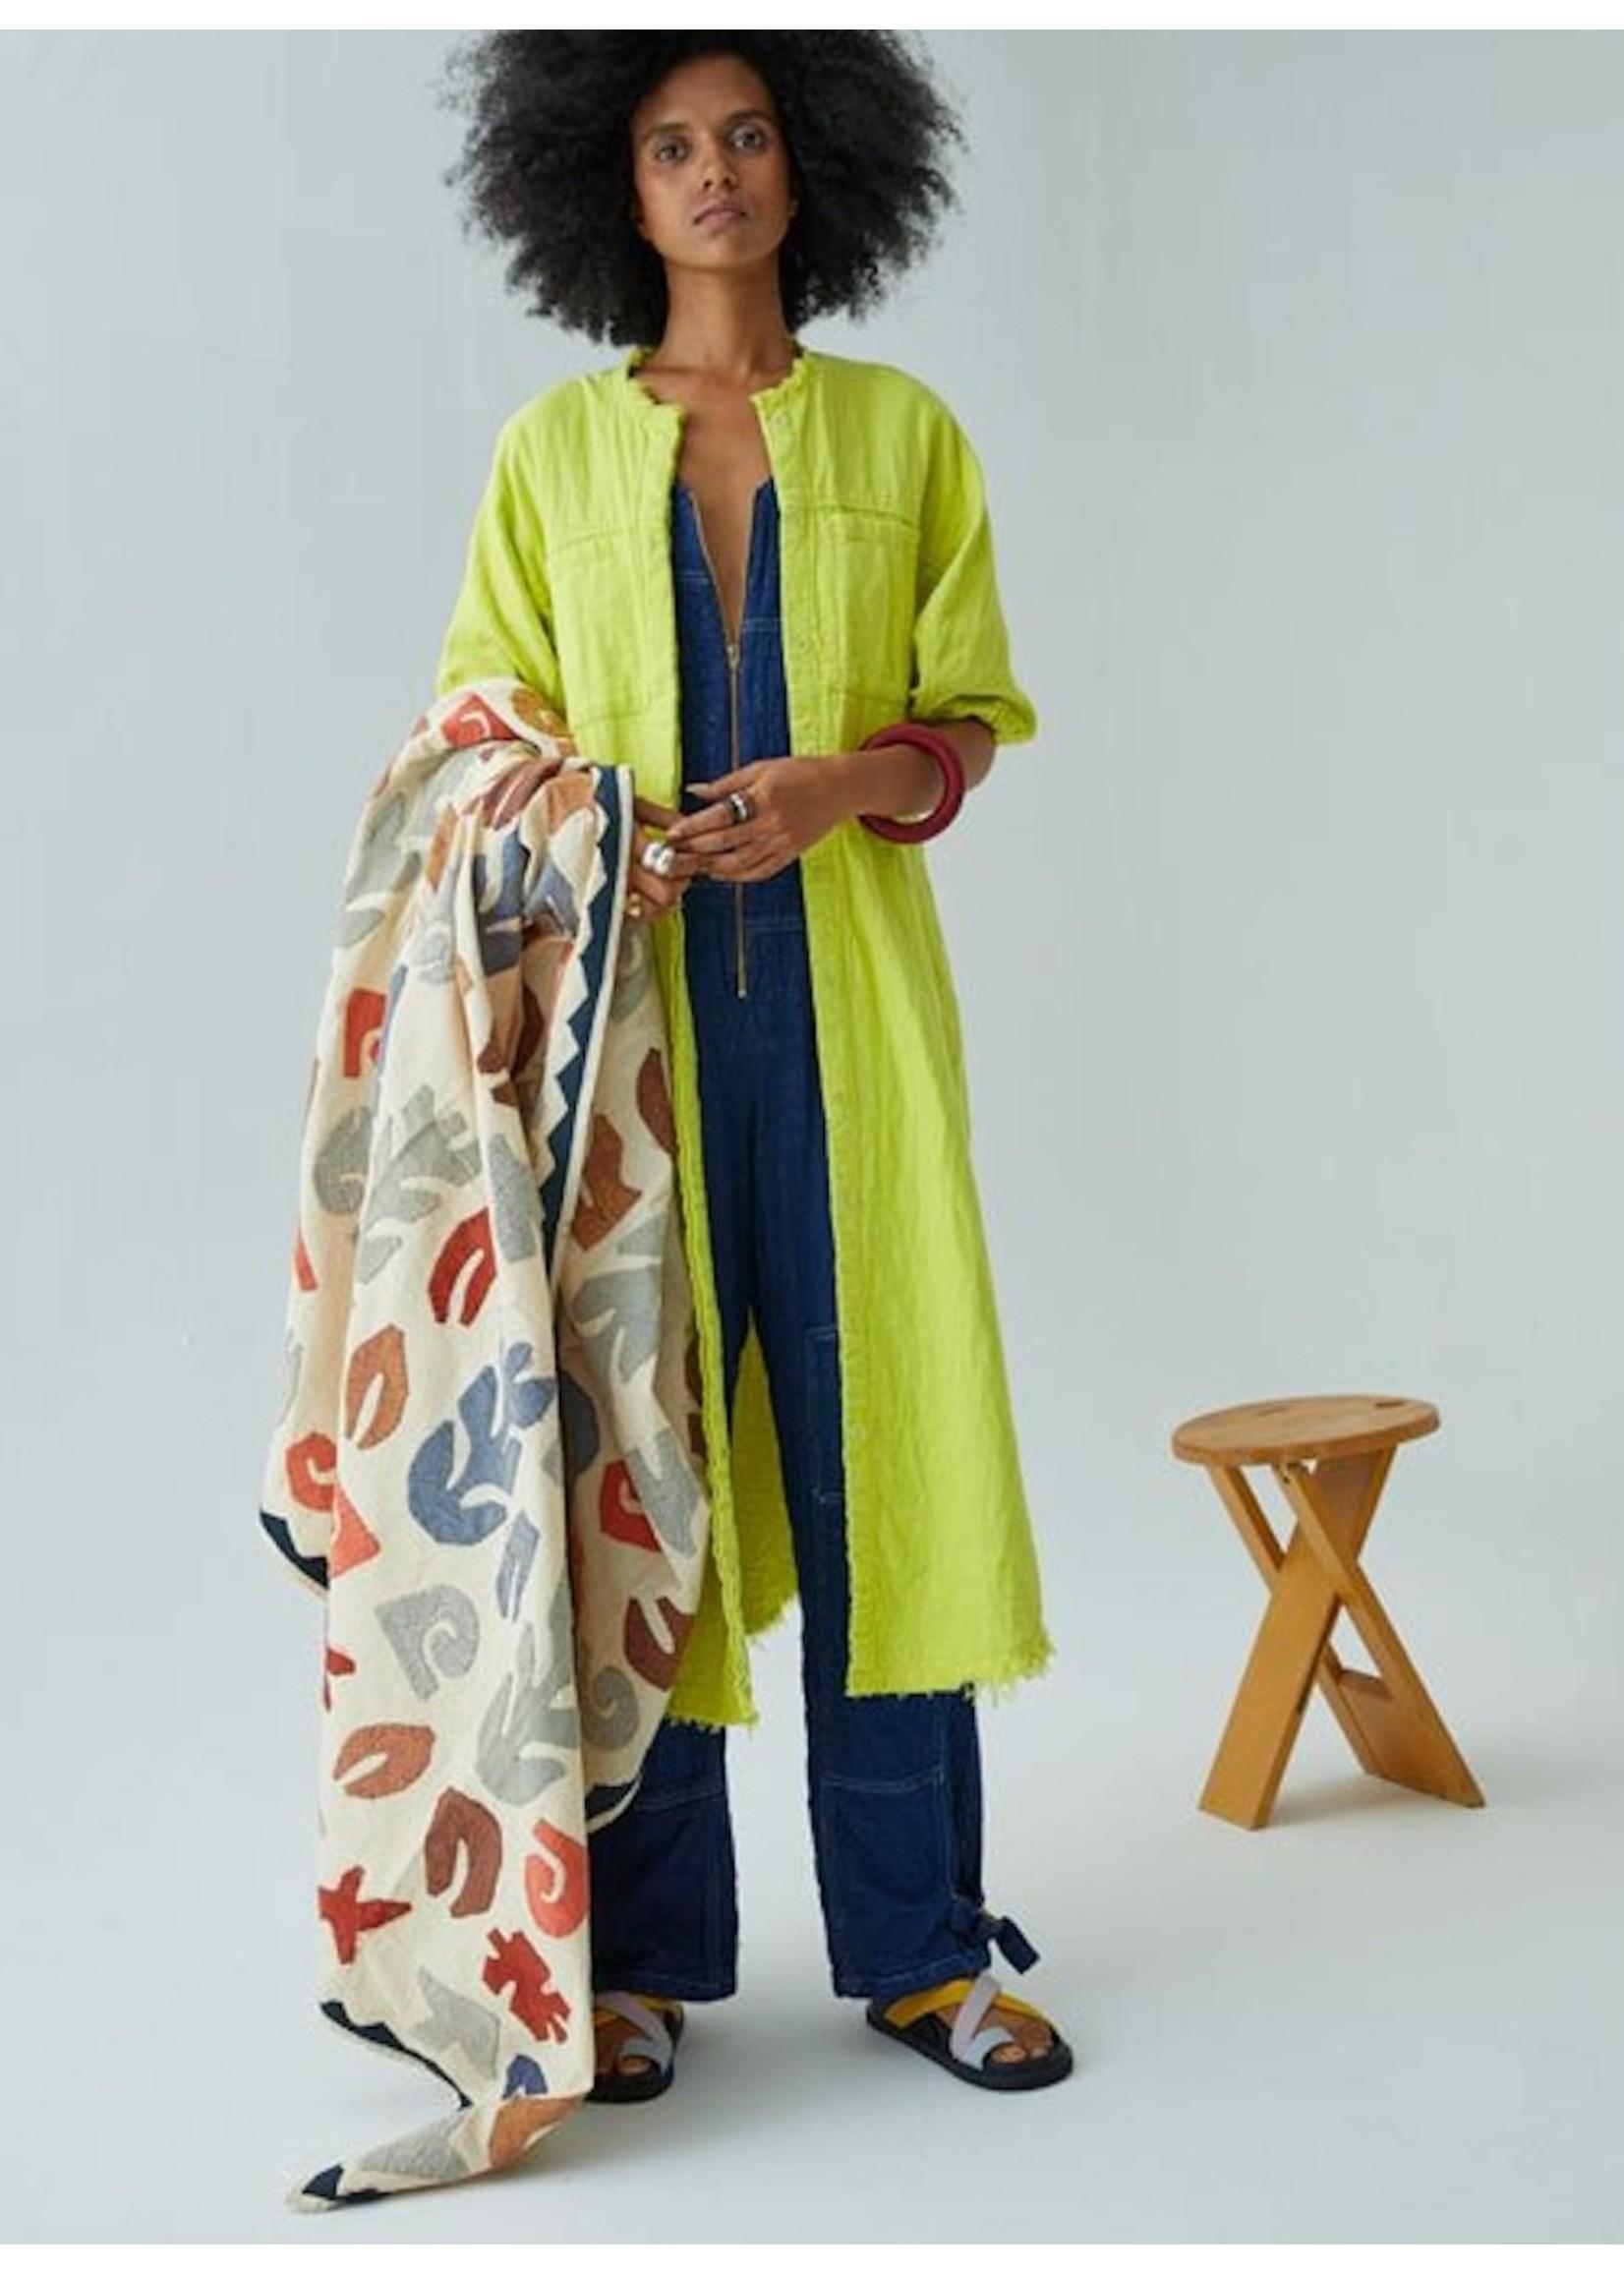 Atelier Delphine Atelier Delphine Accra Coats